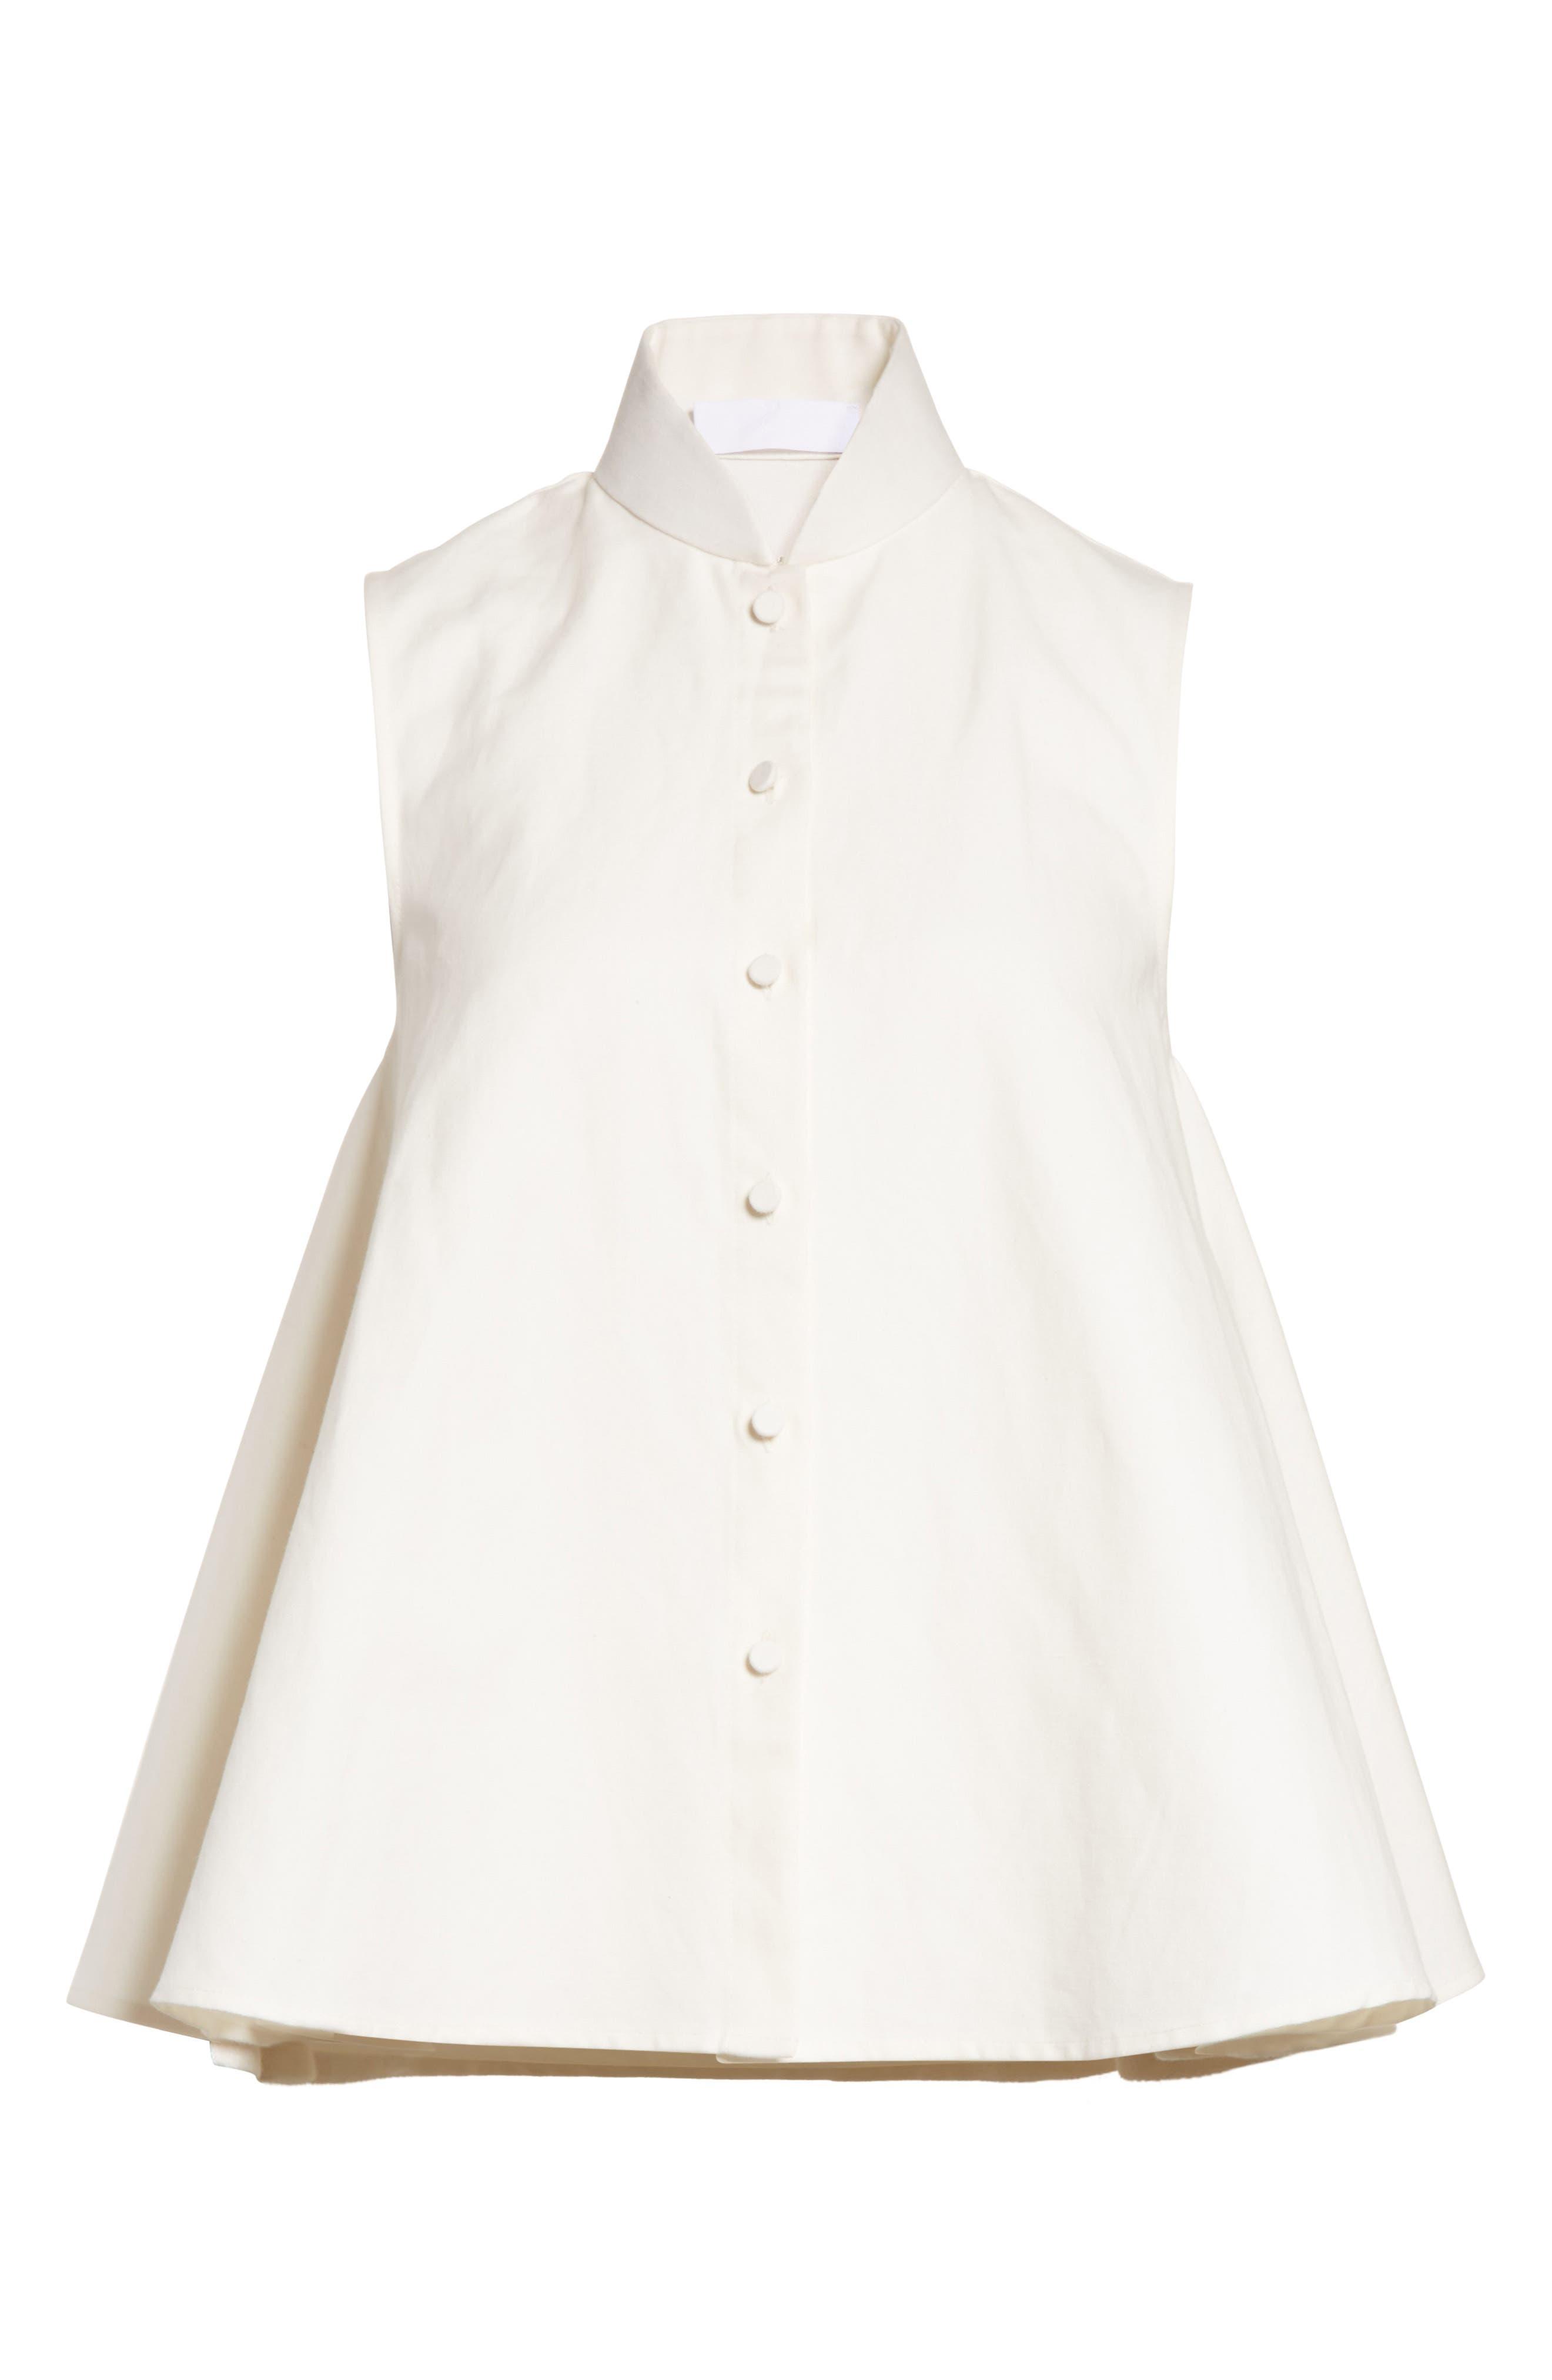 Linen & Cotton Swing Top,                             Alternate thumbnail 6, color,